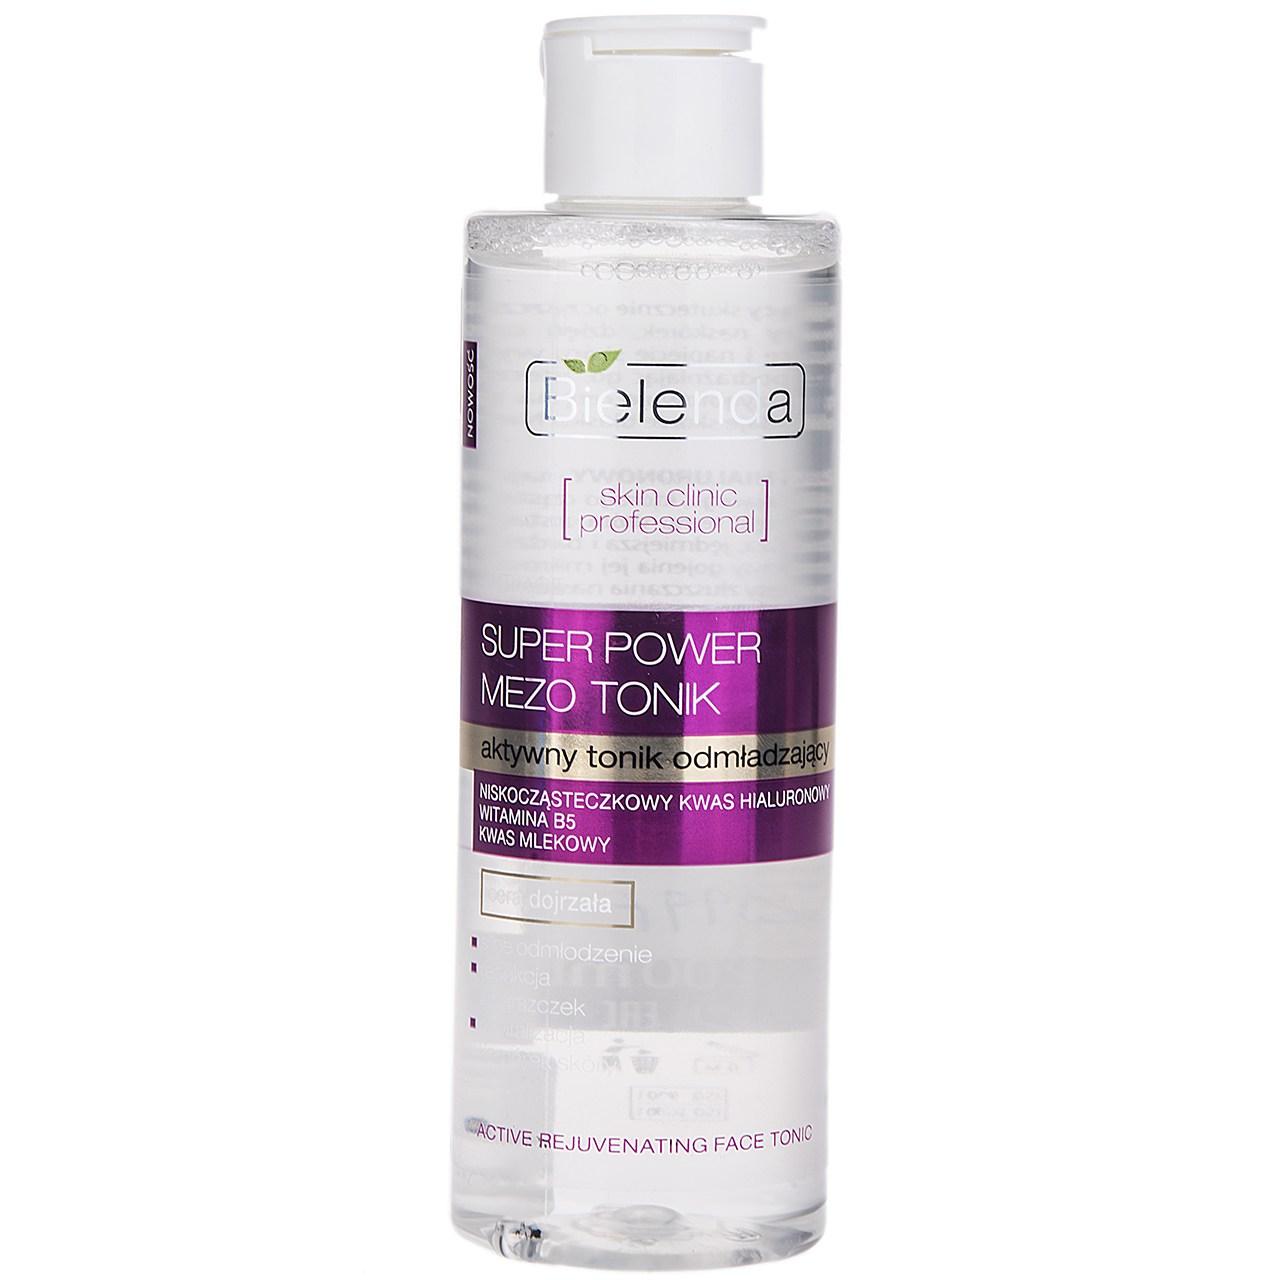 تونر پاک کننده بی یلندا سری Skin Clinic Professional Mezo مدل Rejuvenating Therapy حجم 200 میلی لیتر